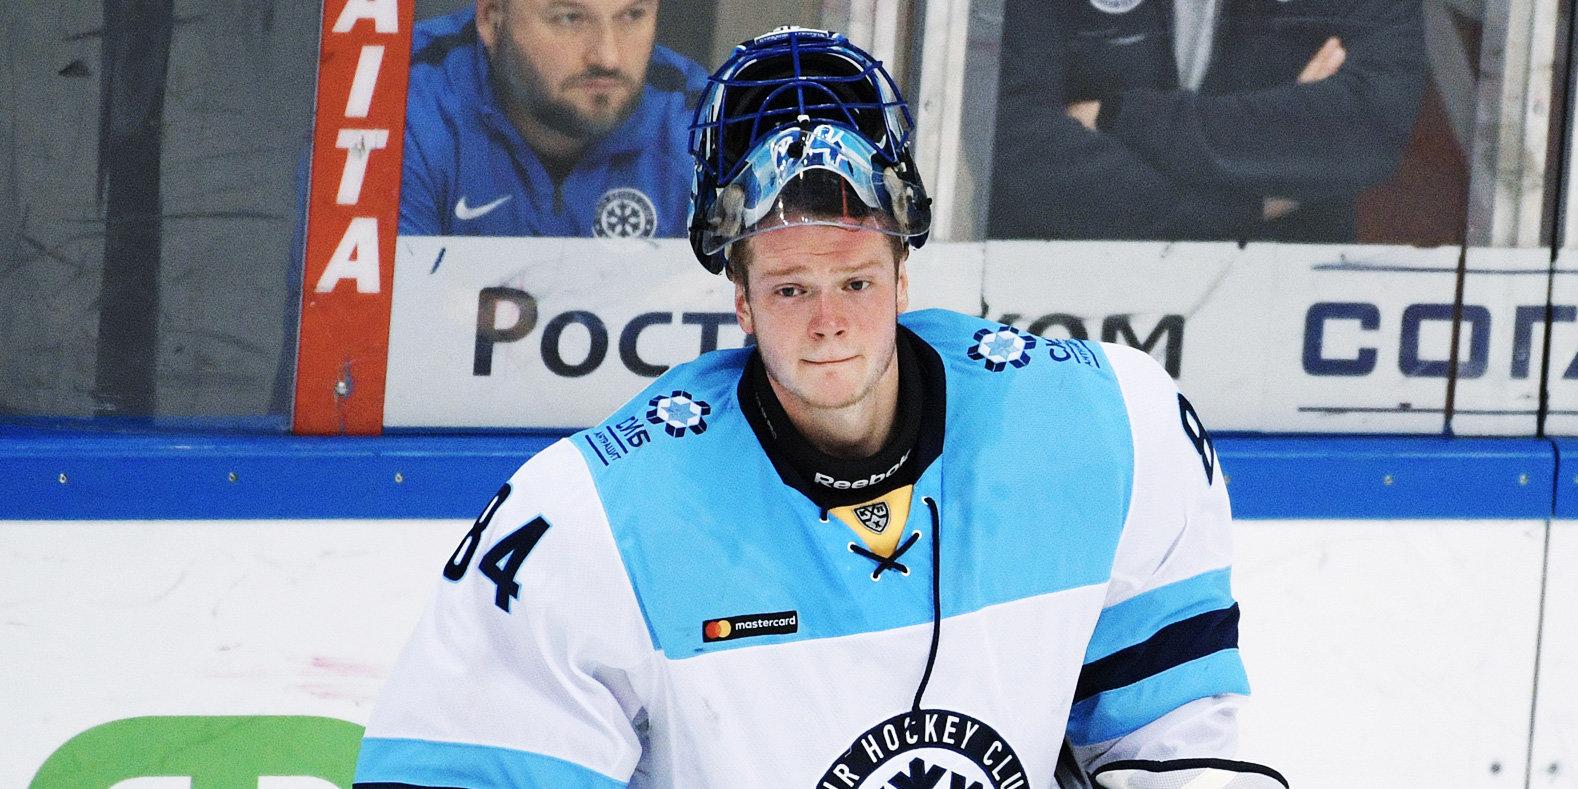 Голкипер Красиков заключил долгосрочный контракт с «Сибирью»